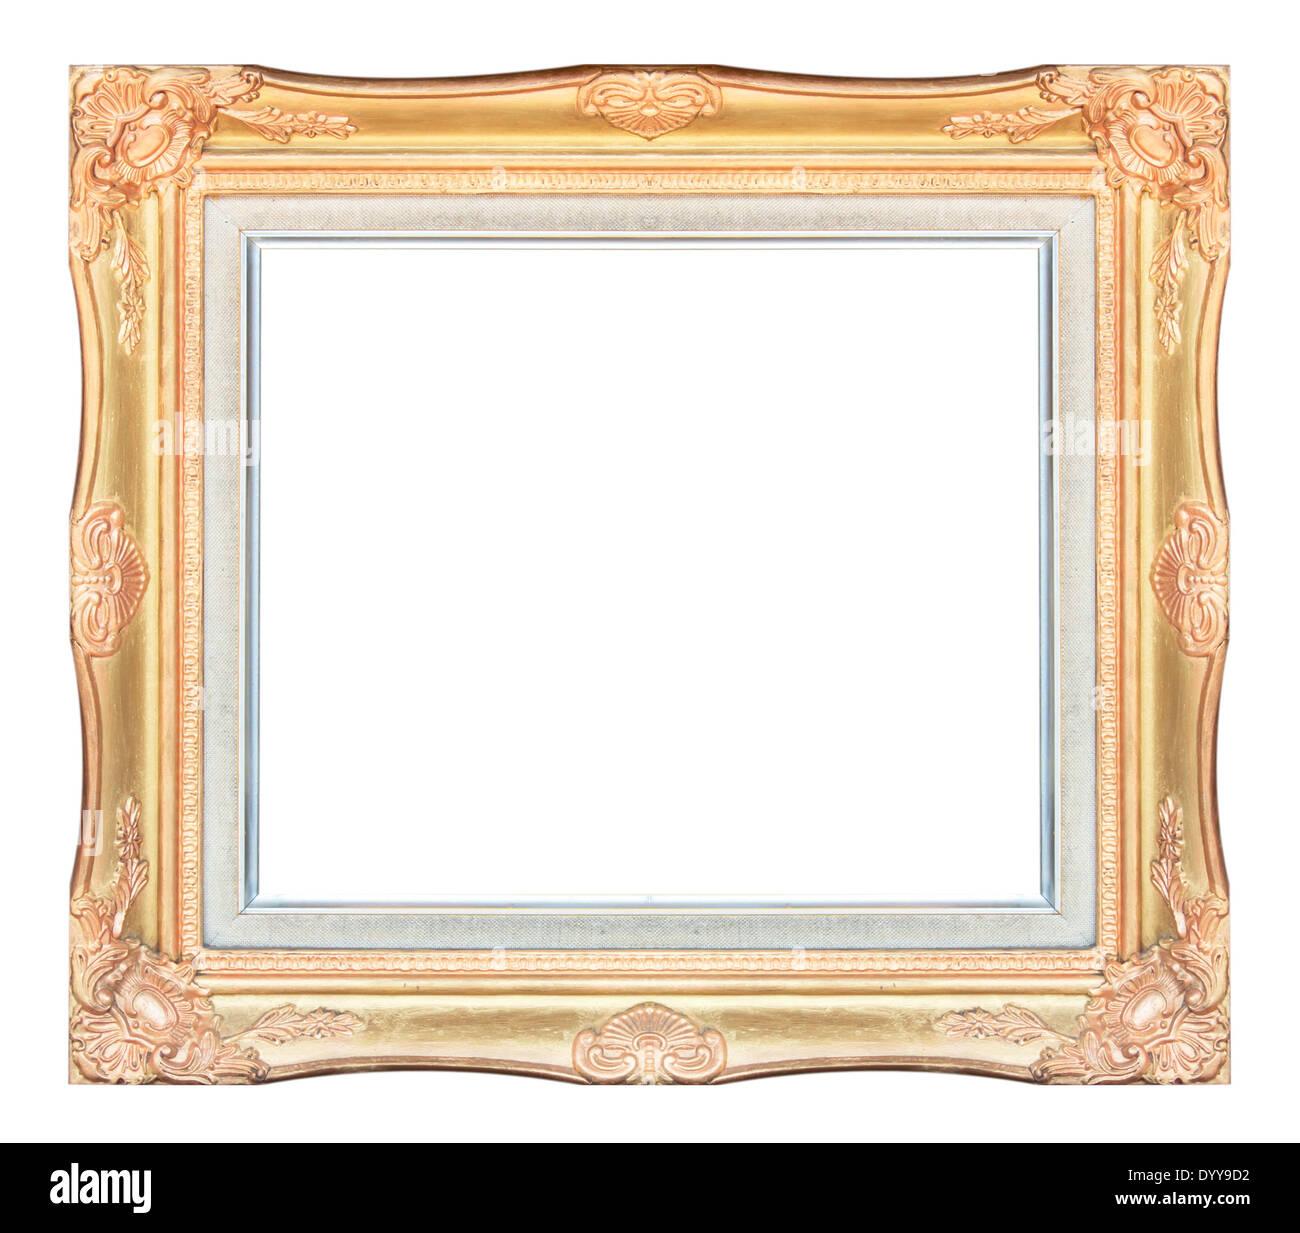 Nett Italienischer Holzbilderrahmen Bilder - Benutzerdefinierte ...